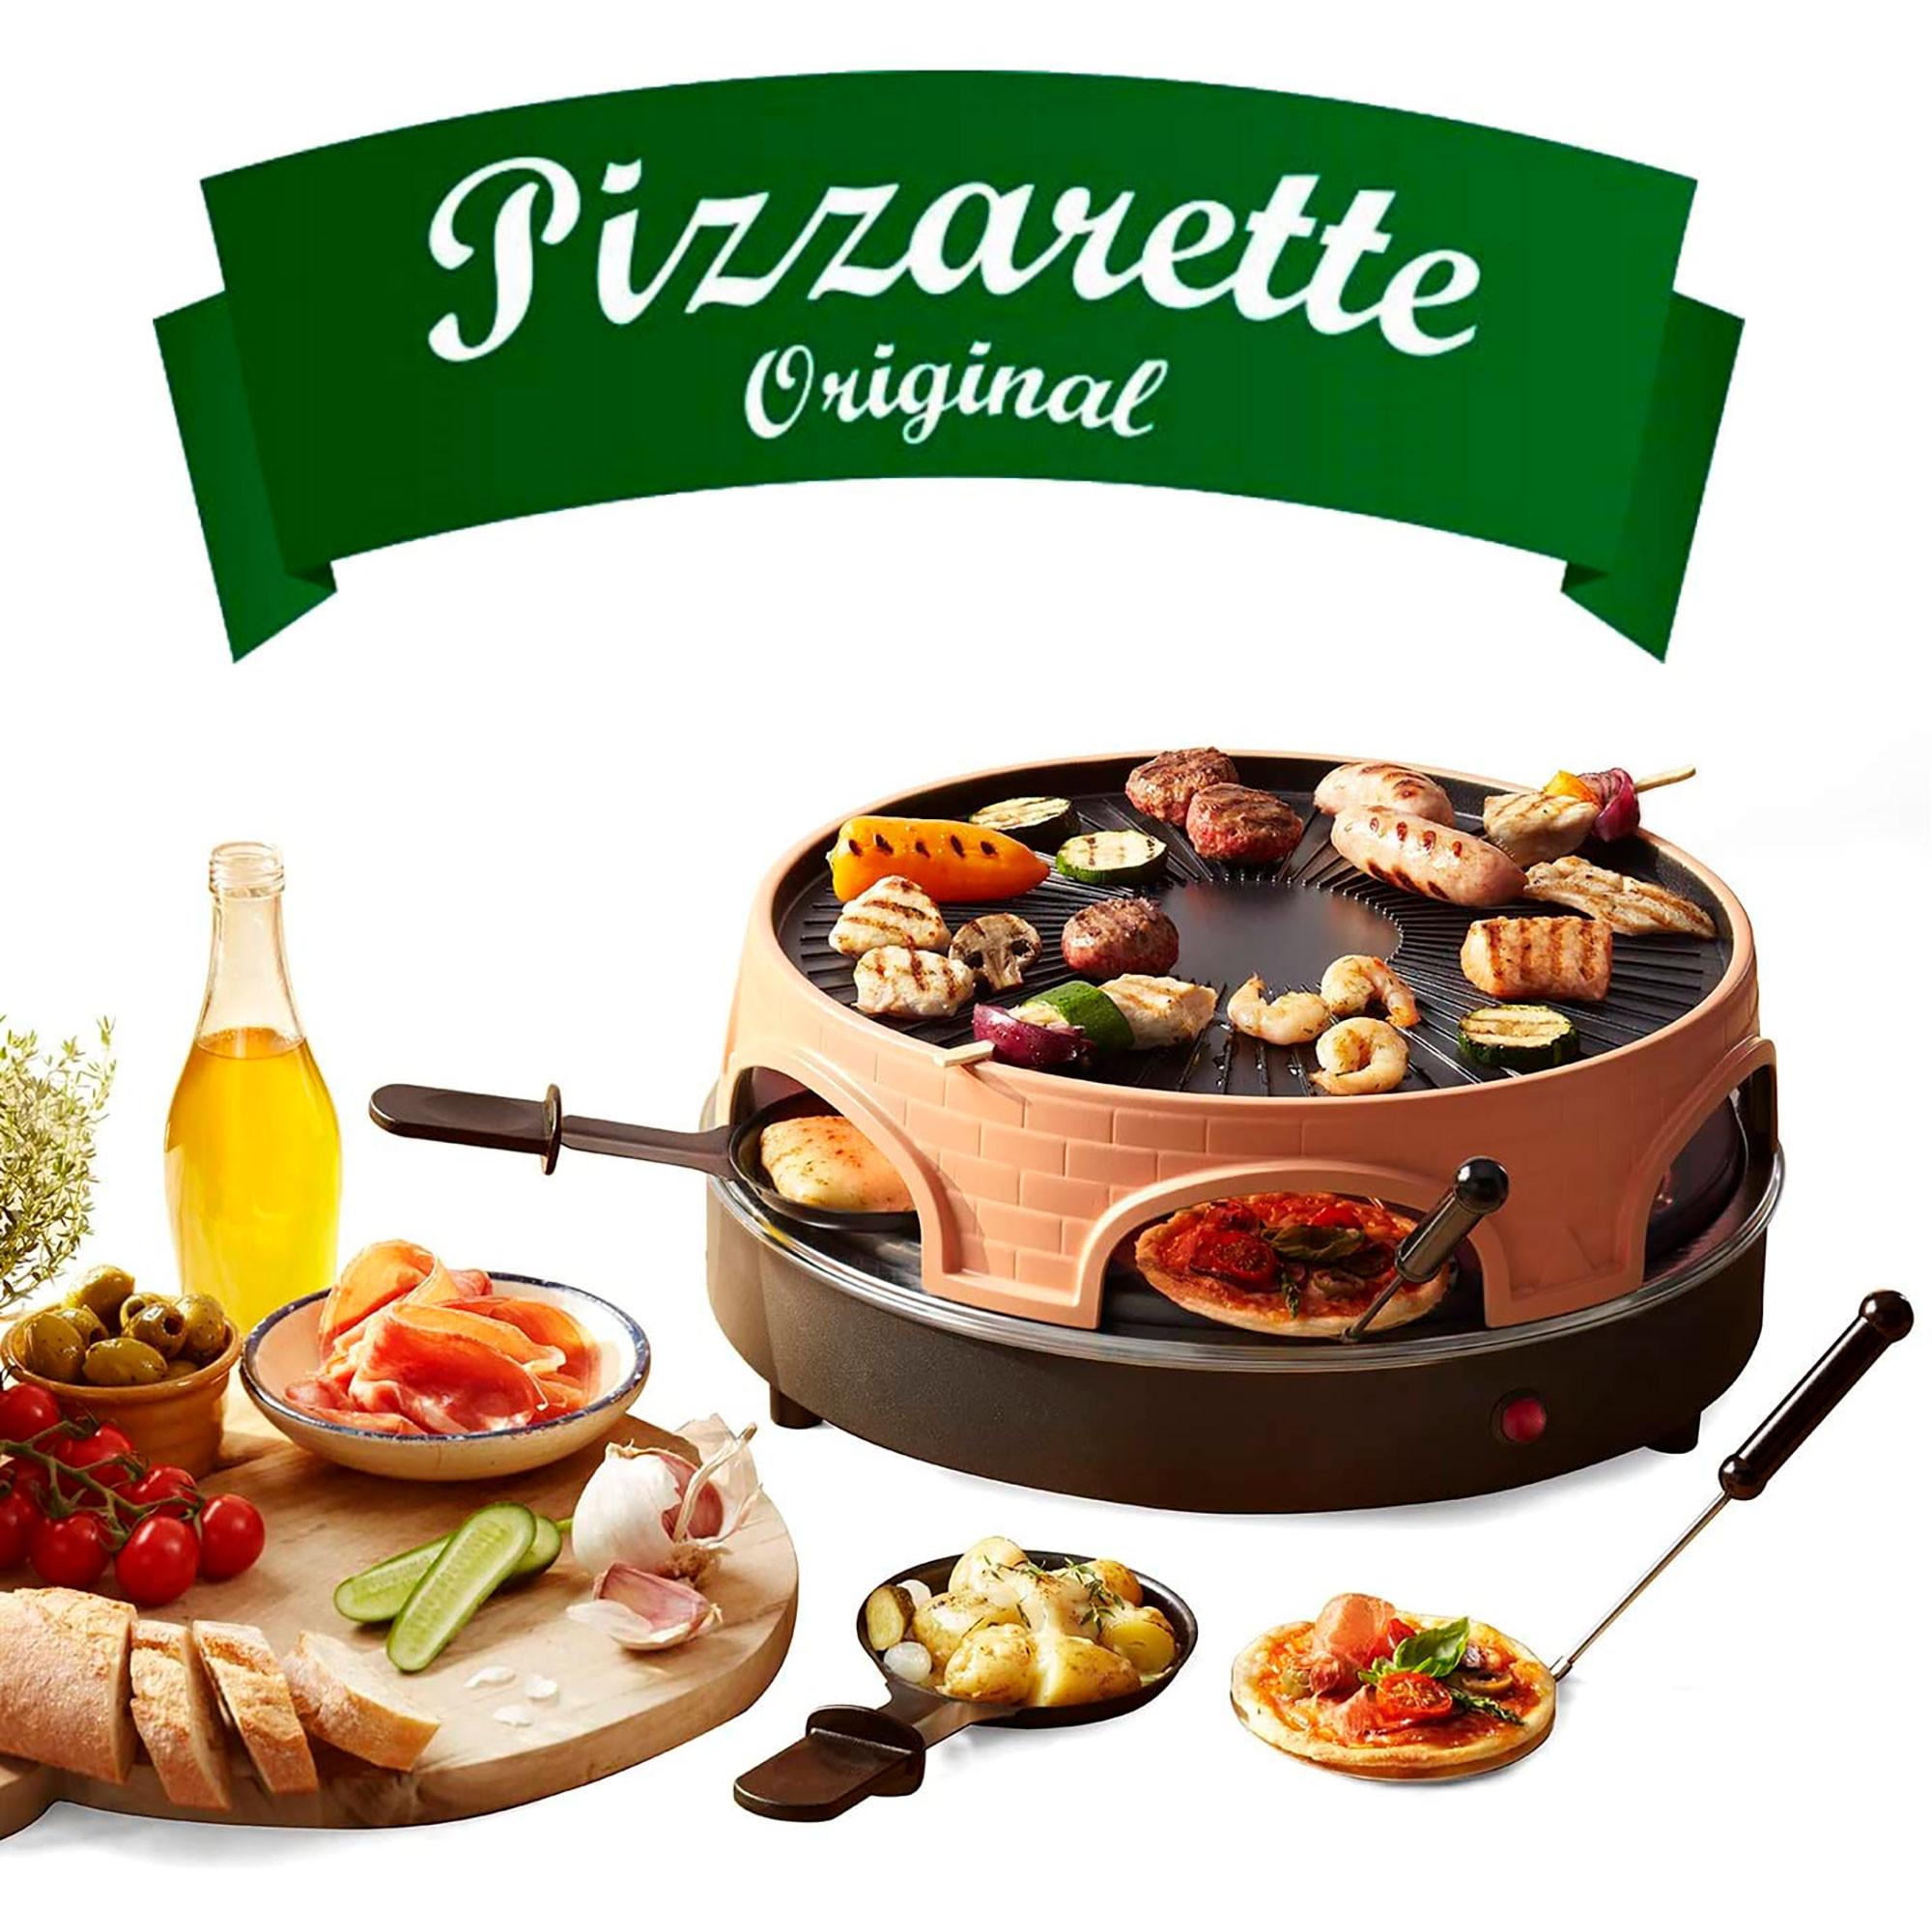 Emerio PO-113255.4 Horno para Pizzas Eléctrico + Raclette + Grill con Cubierta Piedra Terracota, 6 comensales, 1500W